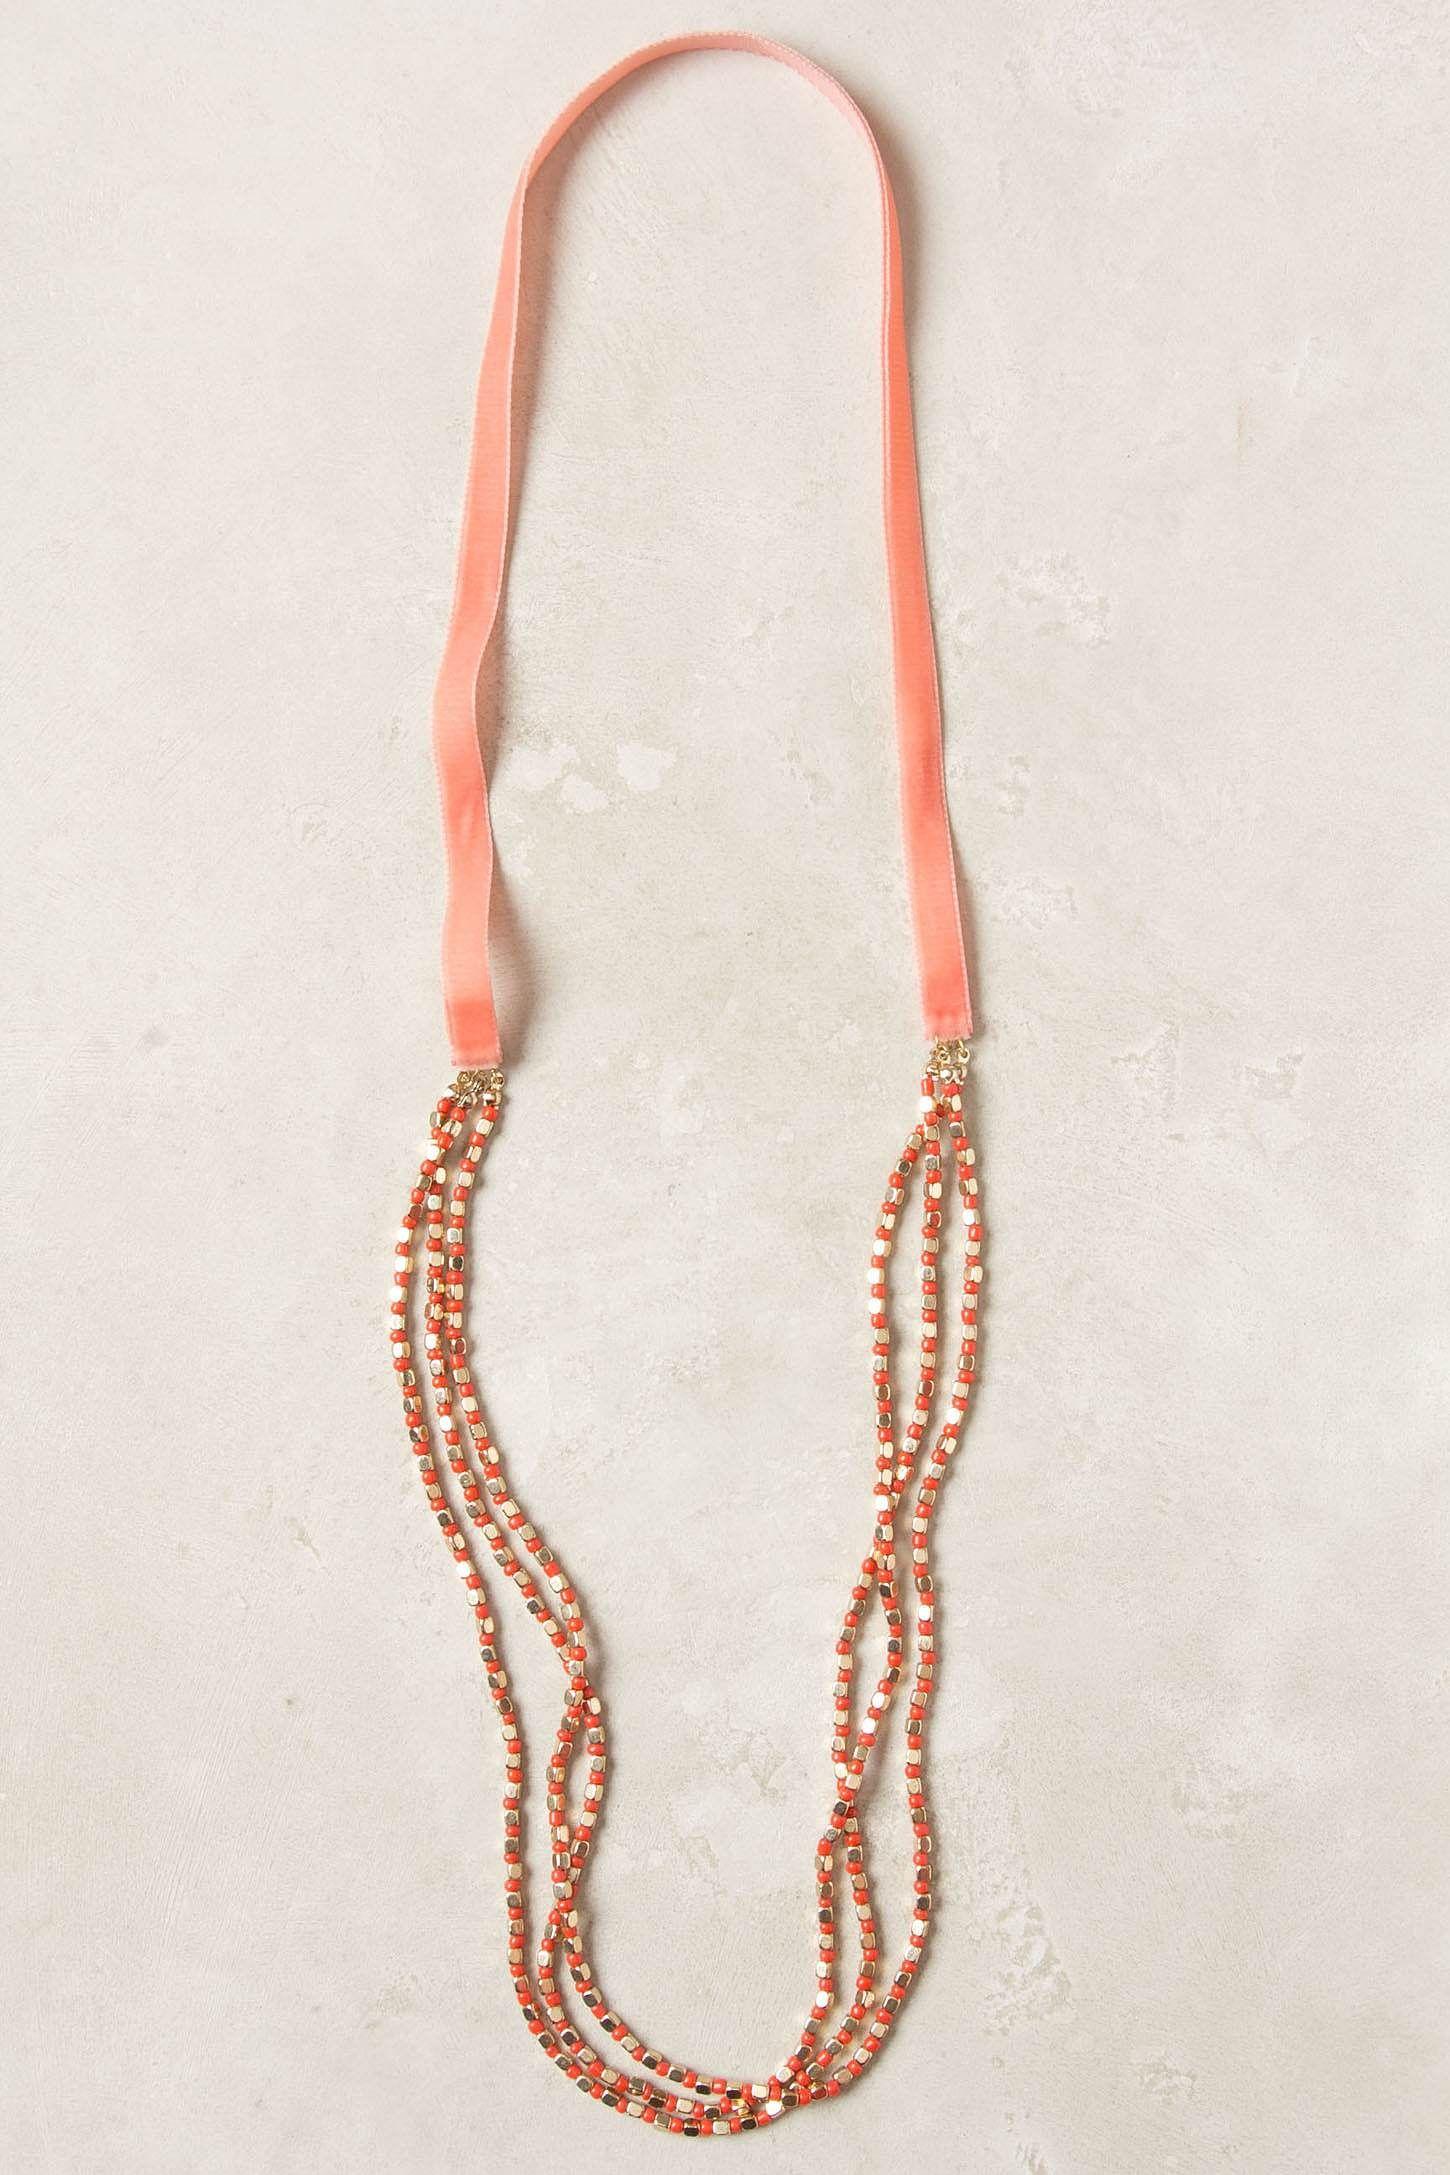 Pyxis necklace anthro clothes closet covet pinterest teacher